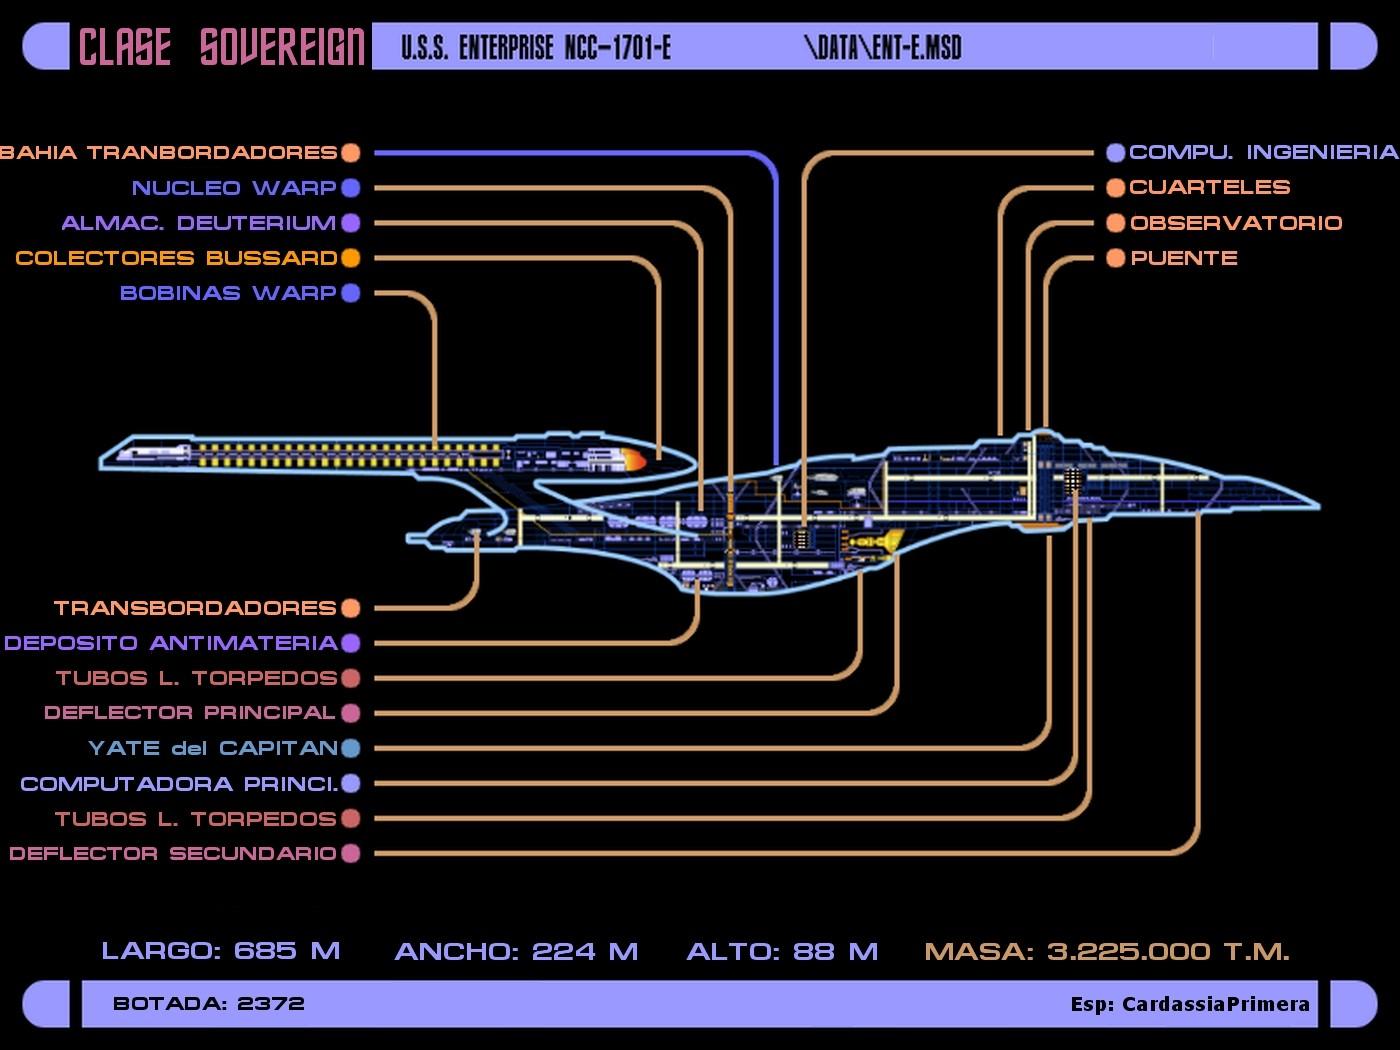 Sovereign Class U.S.S. Enterprise NCC 1701 E